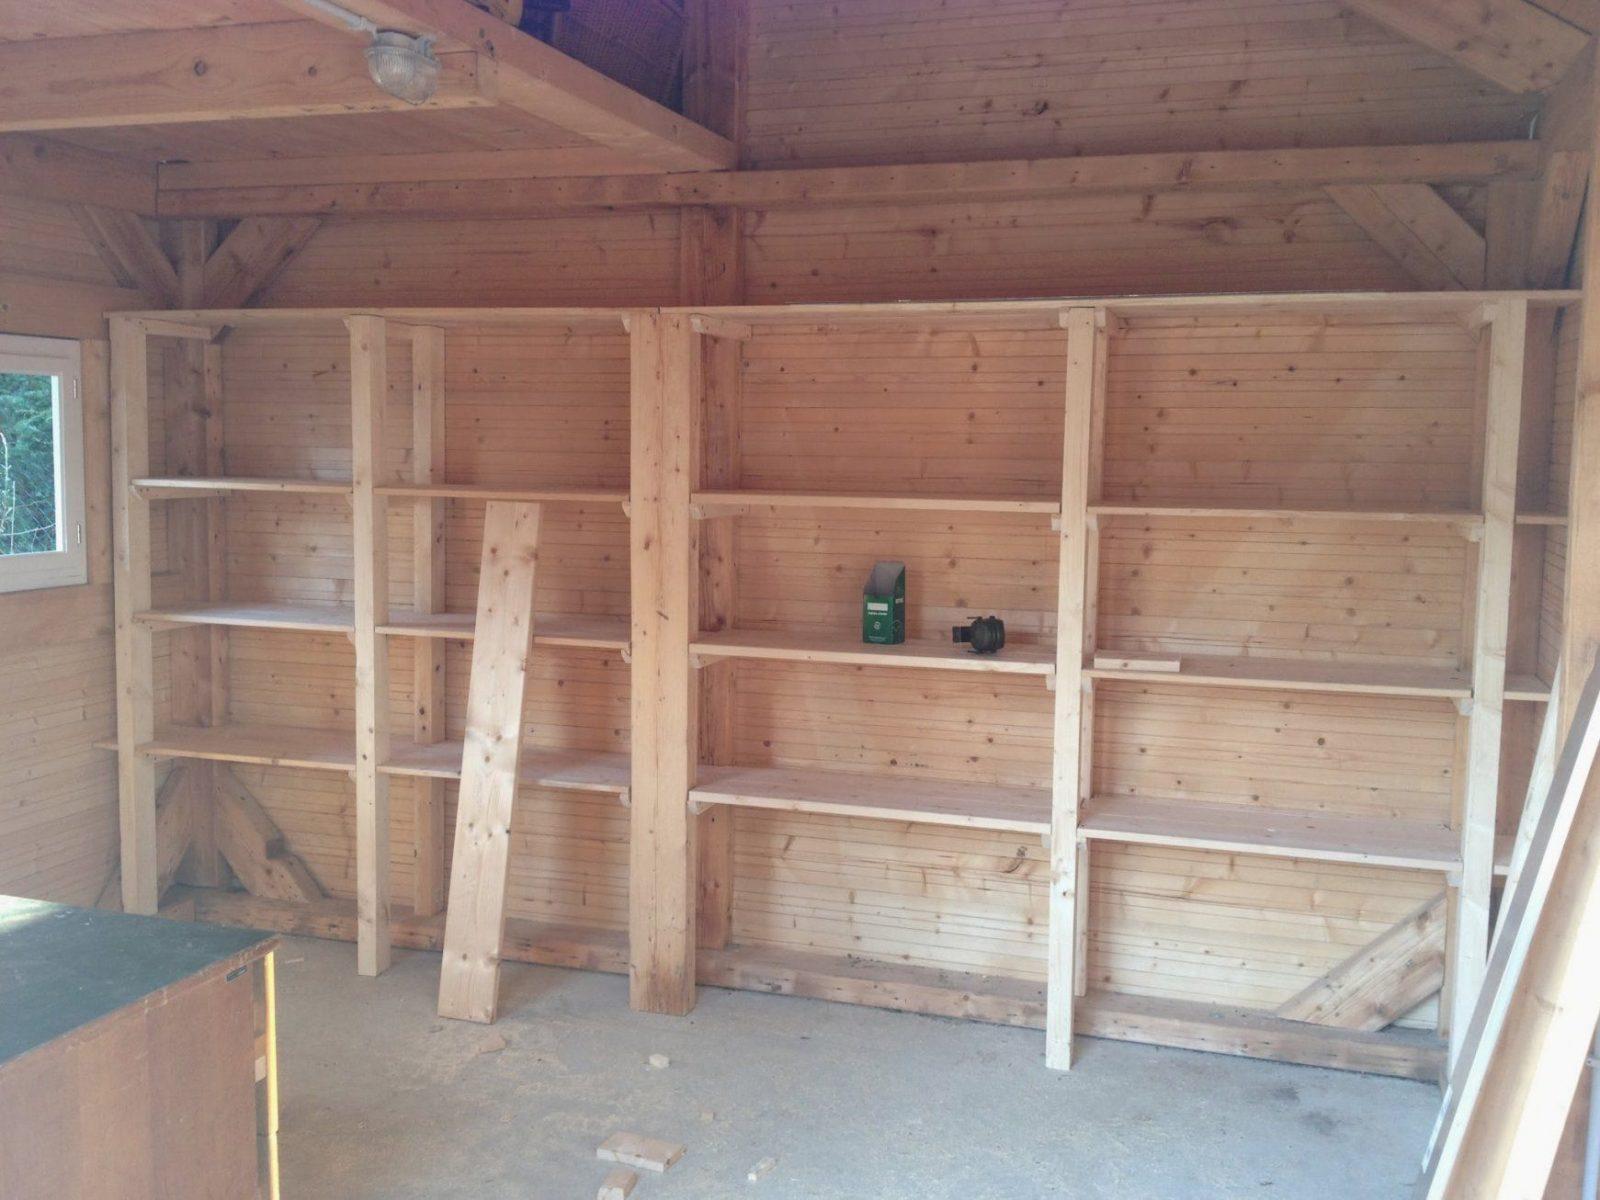 Neueste Haus Tipps Über Holzregal Keller Selber Bauen  Yarel von Holzregal Keller Selber Bauen Photo